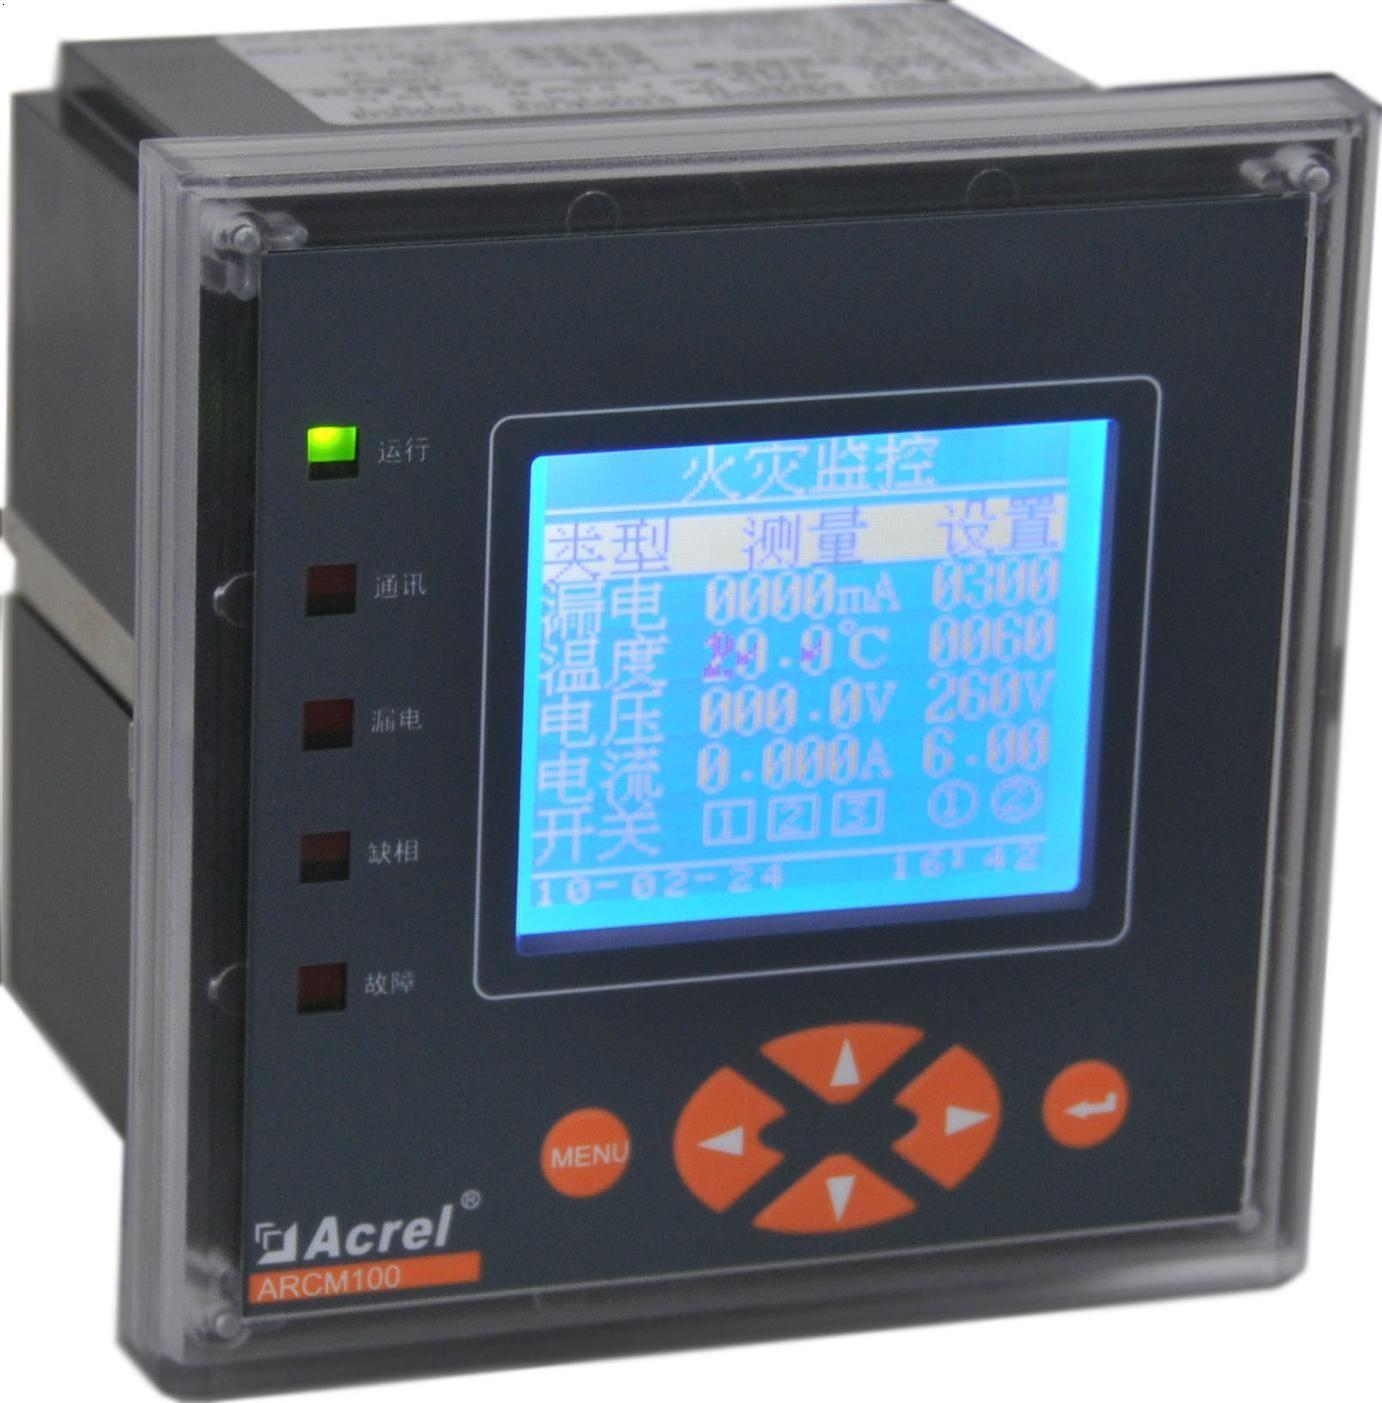 安科瑞ARCM100-Z剩余